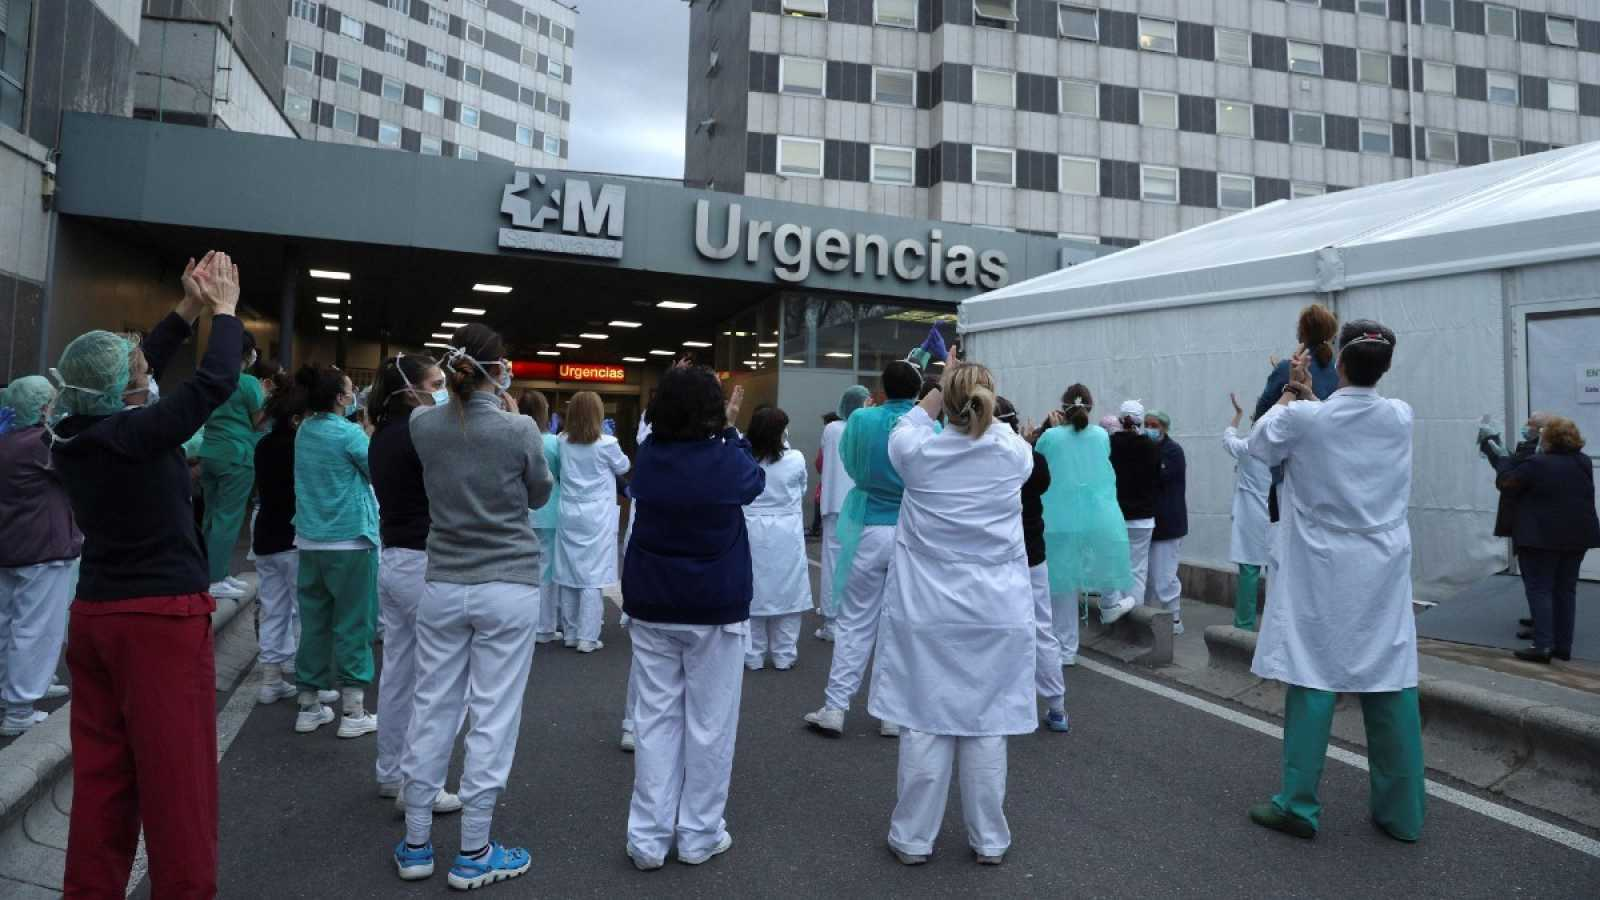 Los sanitarios de urgencias del madrileño Hospital de La Paz aplauden a sus compañeros por su labor